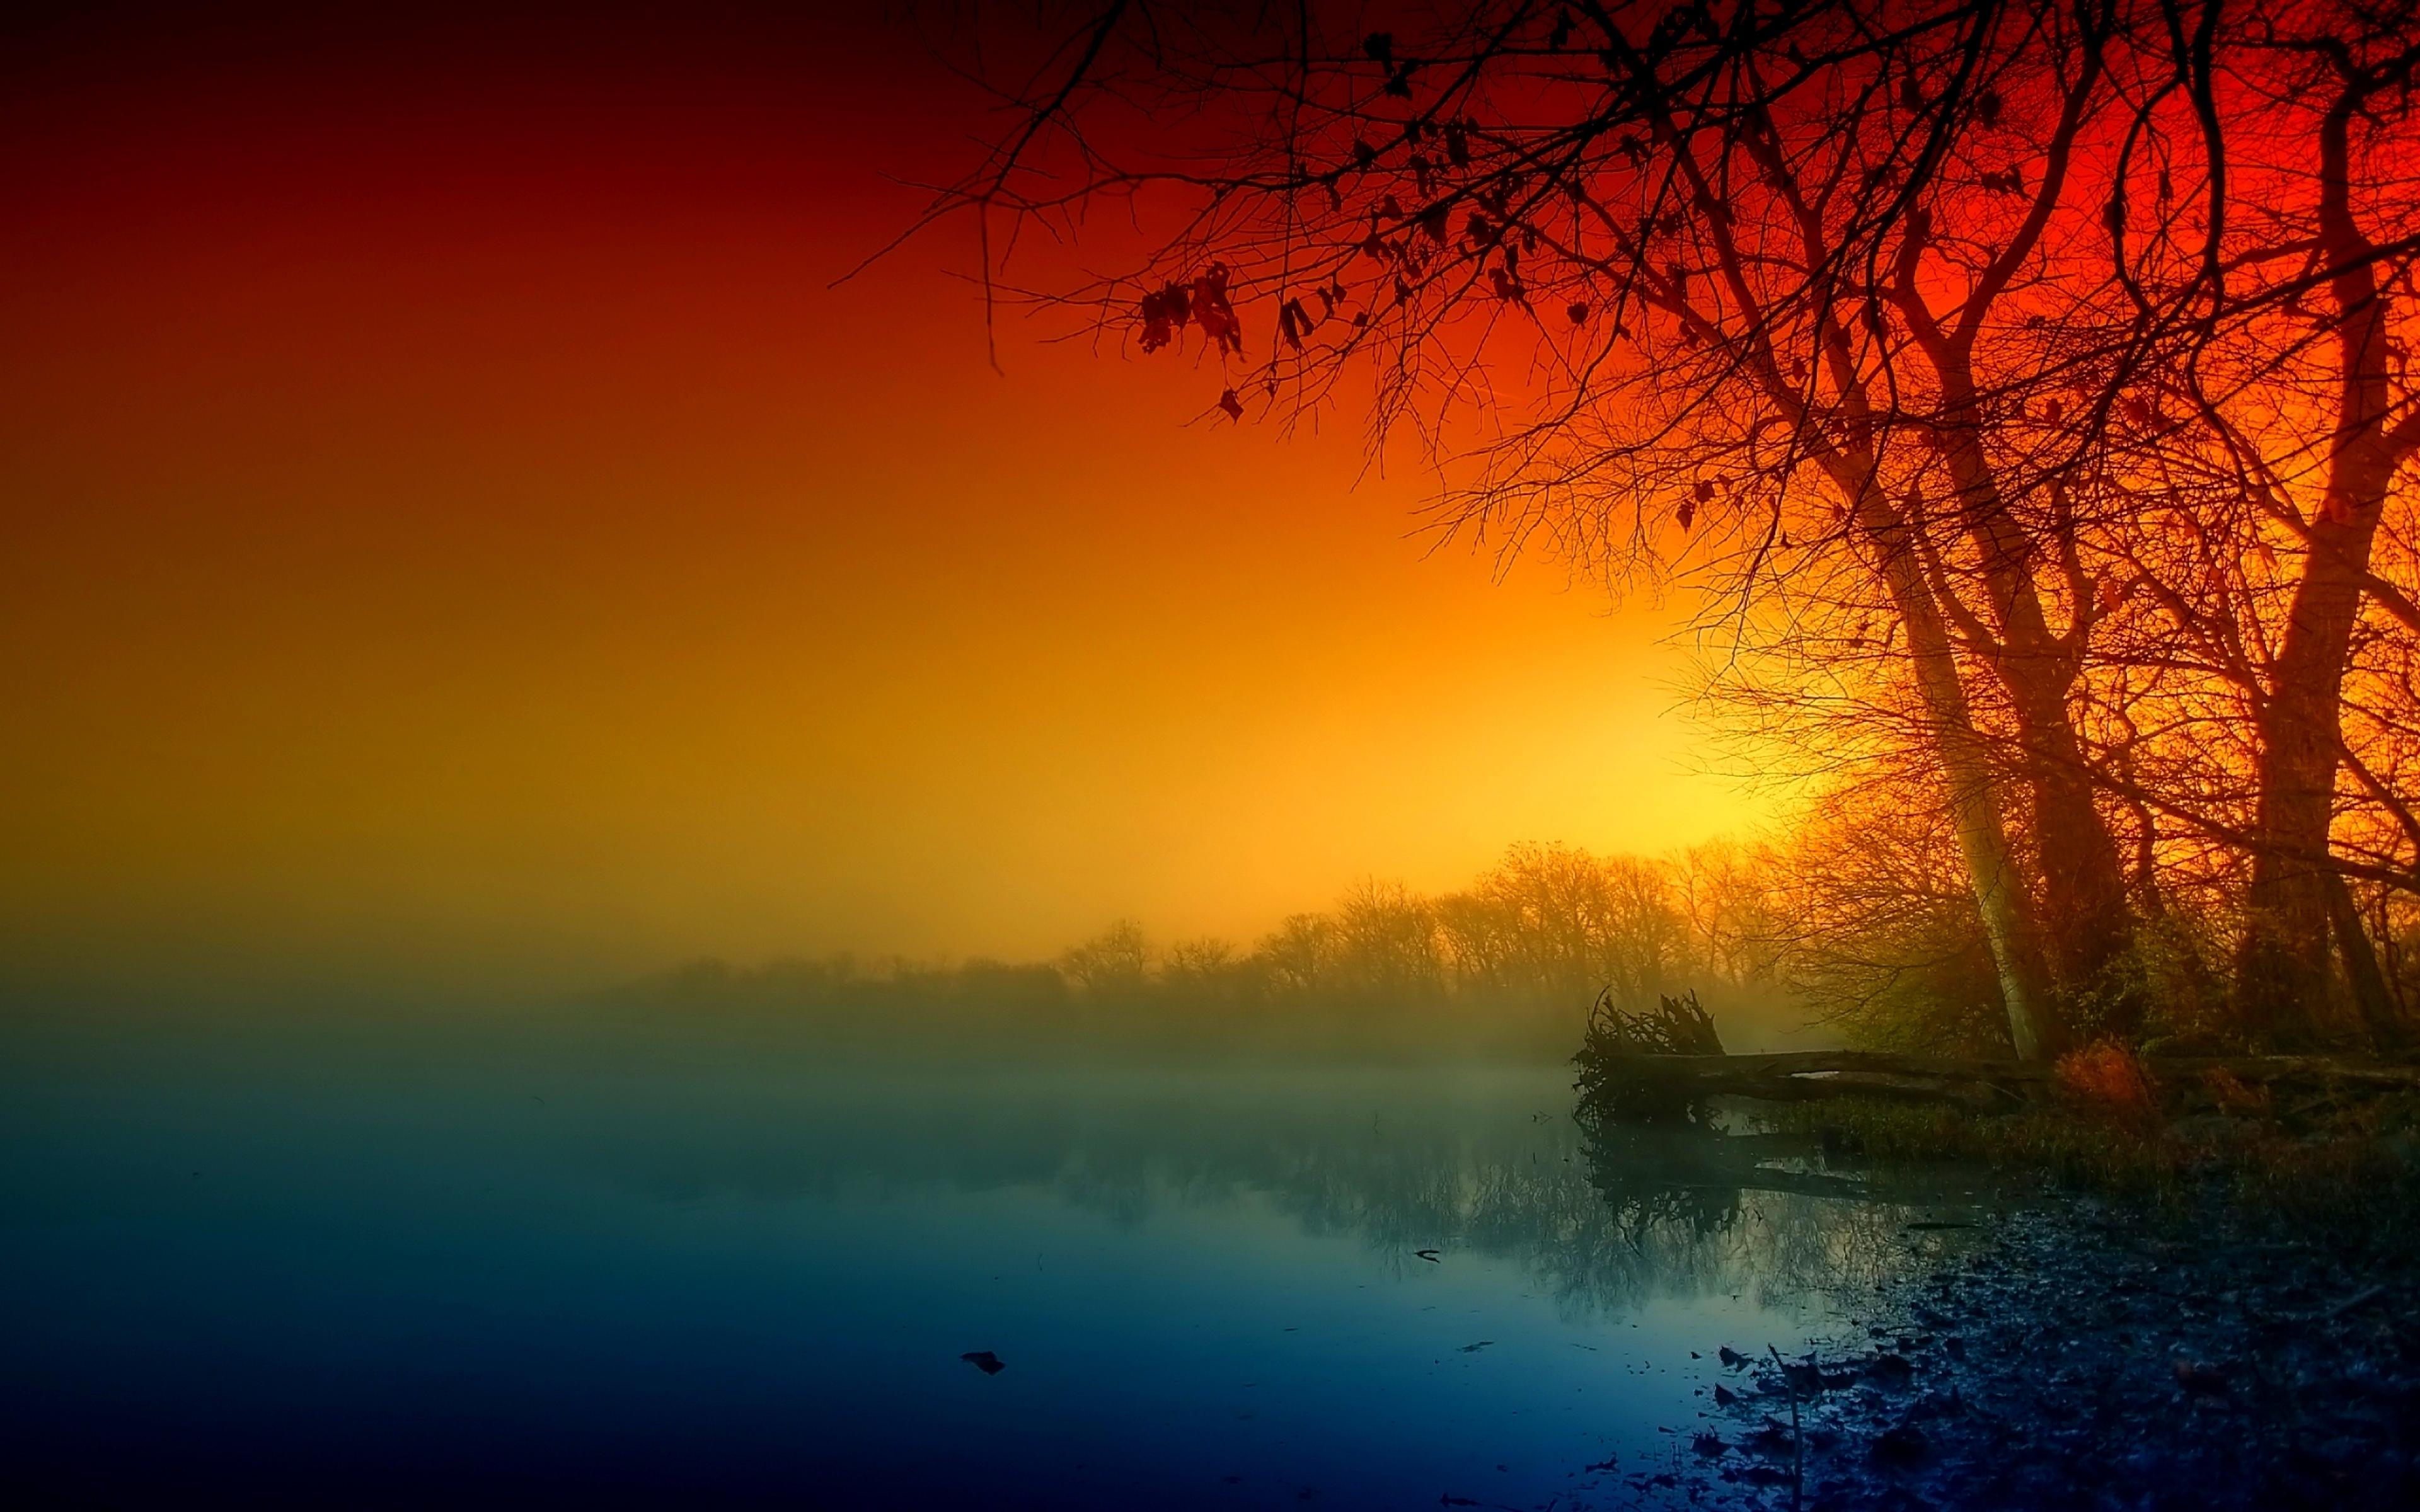 Рассвет утренний туман  № 3795993 бесплатно